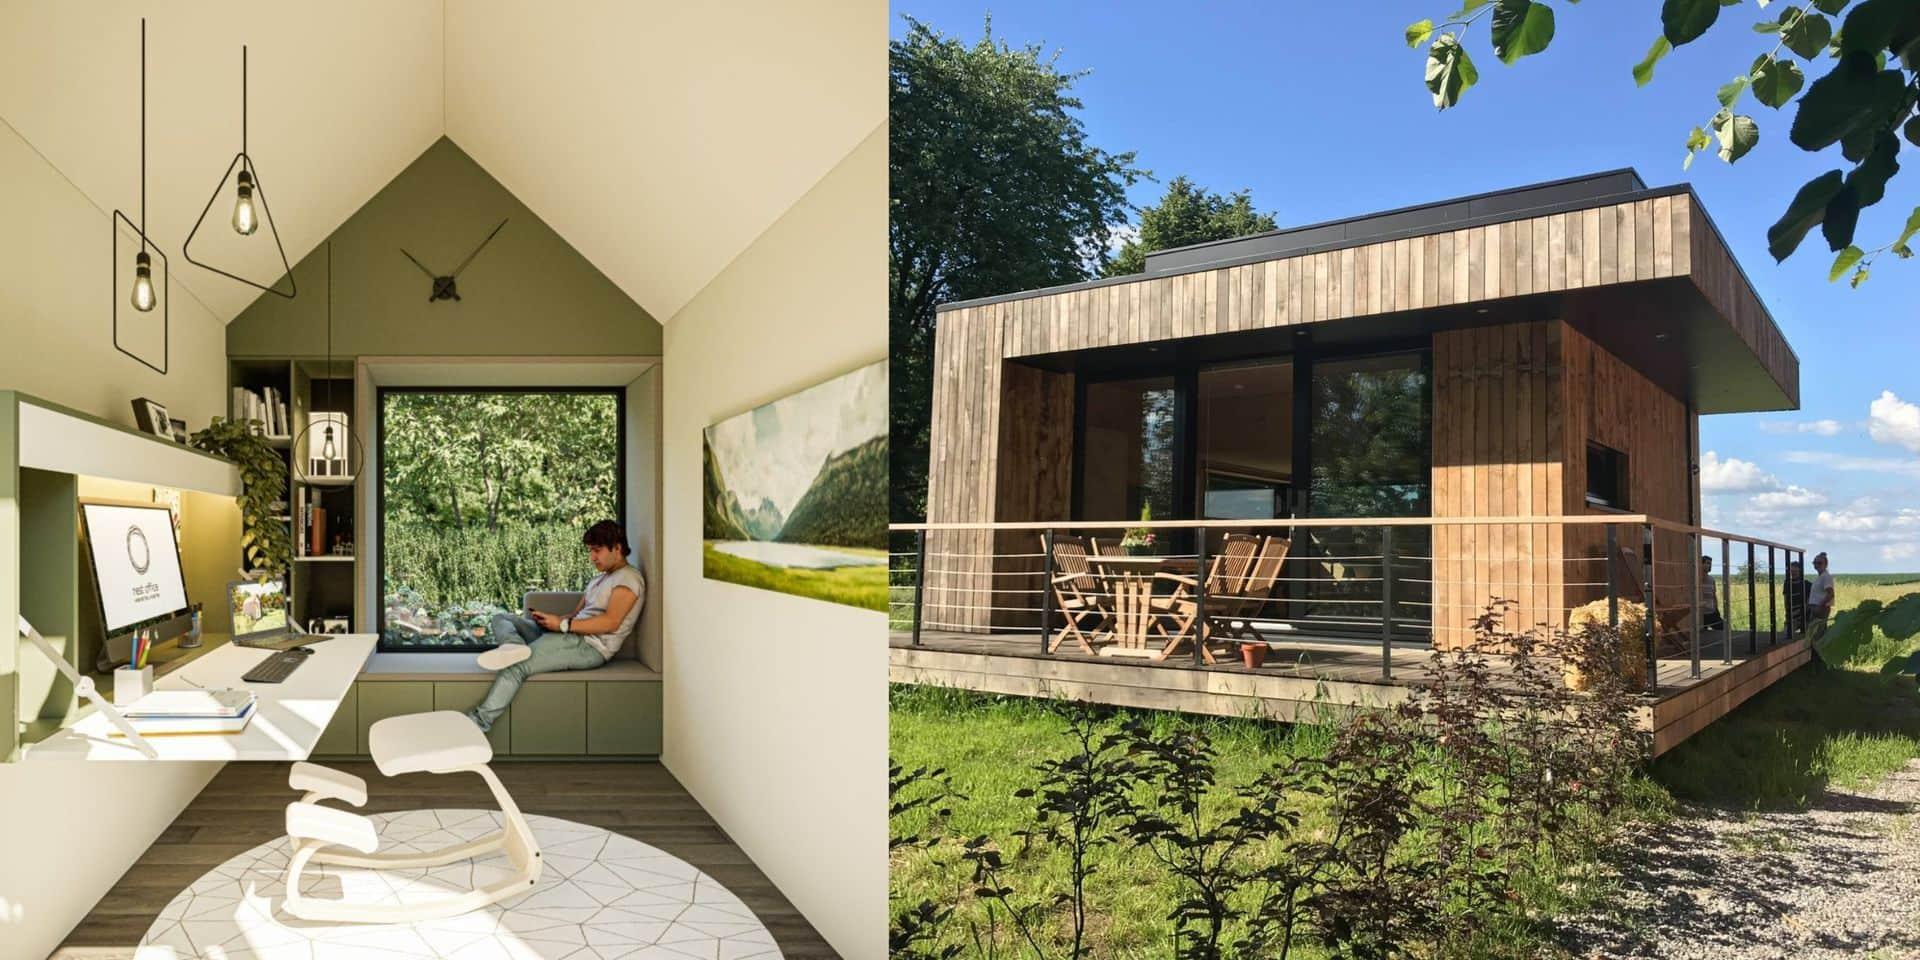 """Constructions en kit, tiny house, bureau de jardin : nos logements sont en train de devenir de plus en plus """"adaptables"""""""